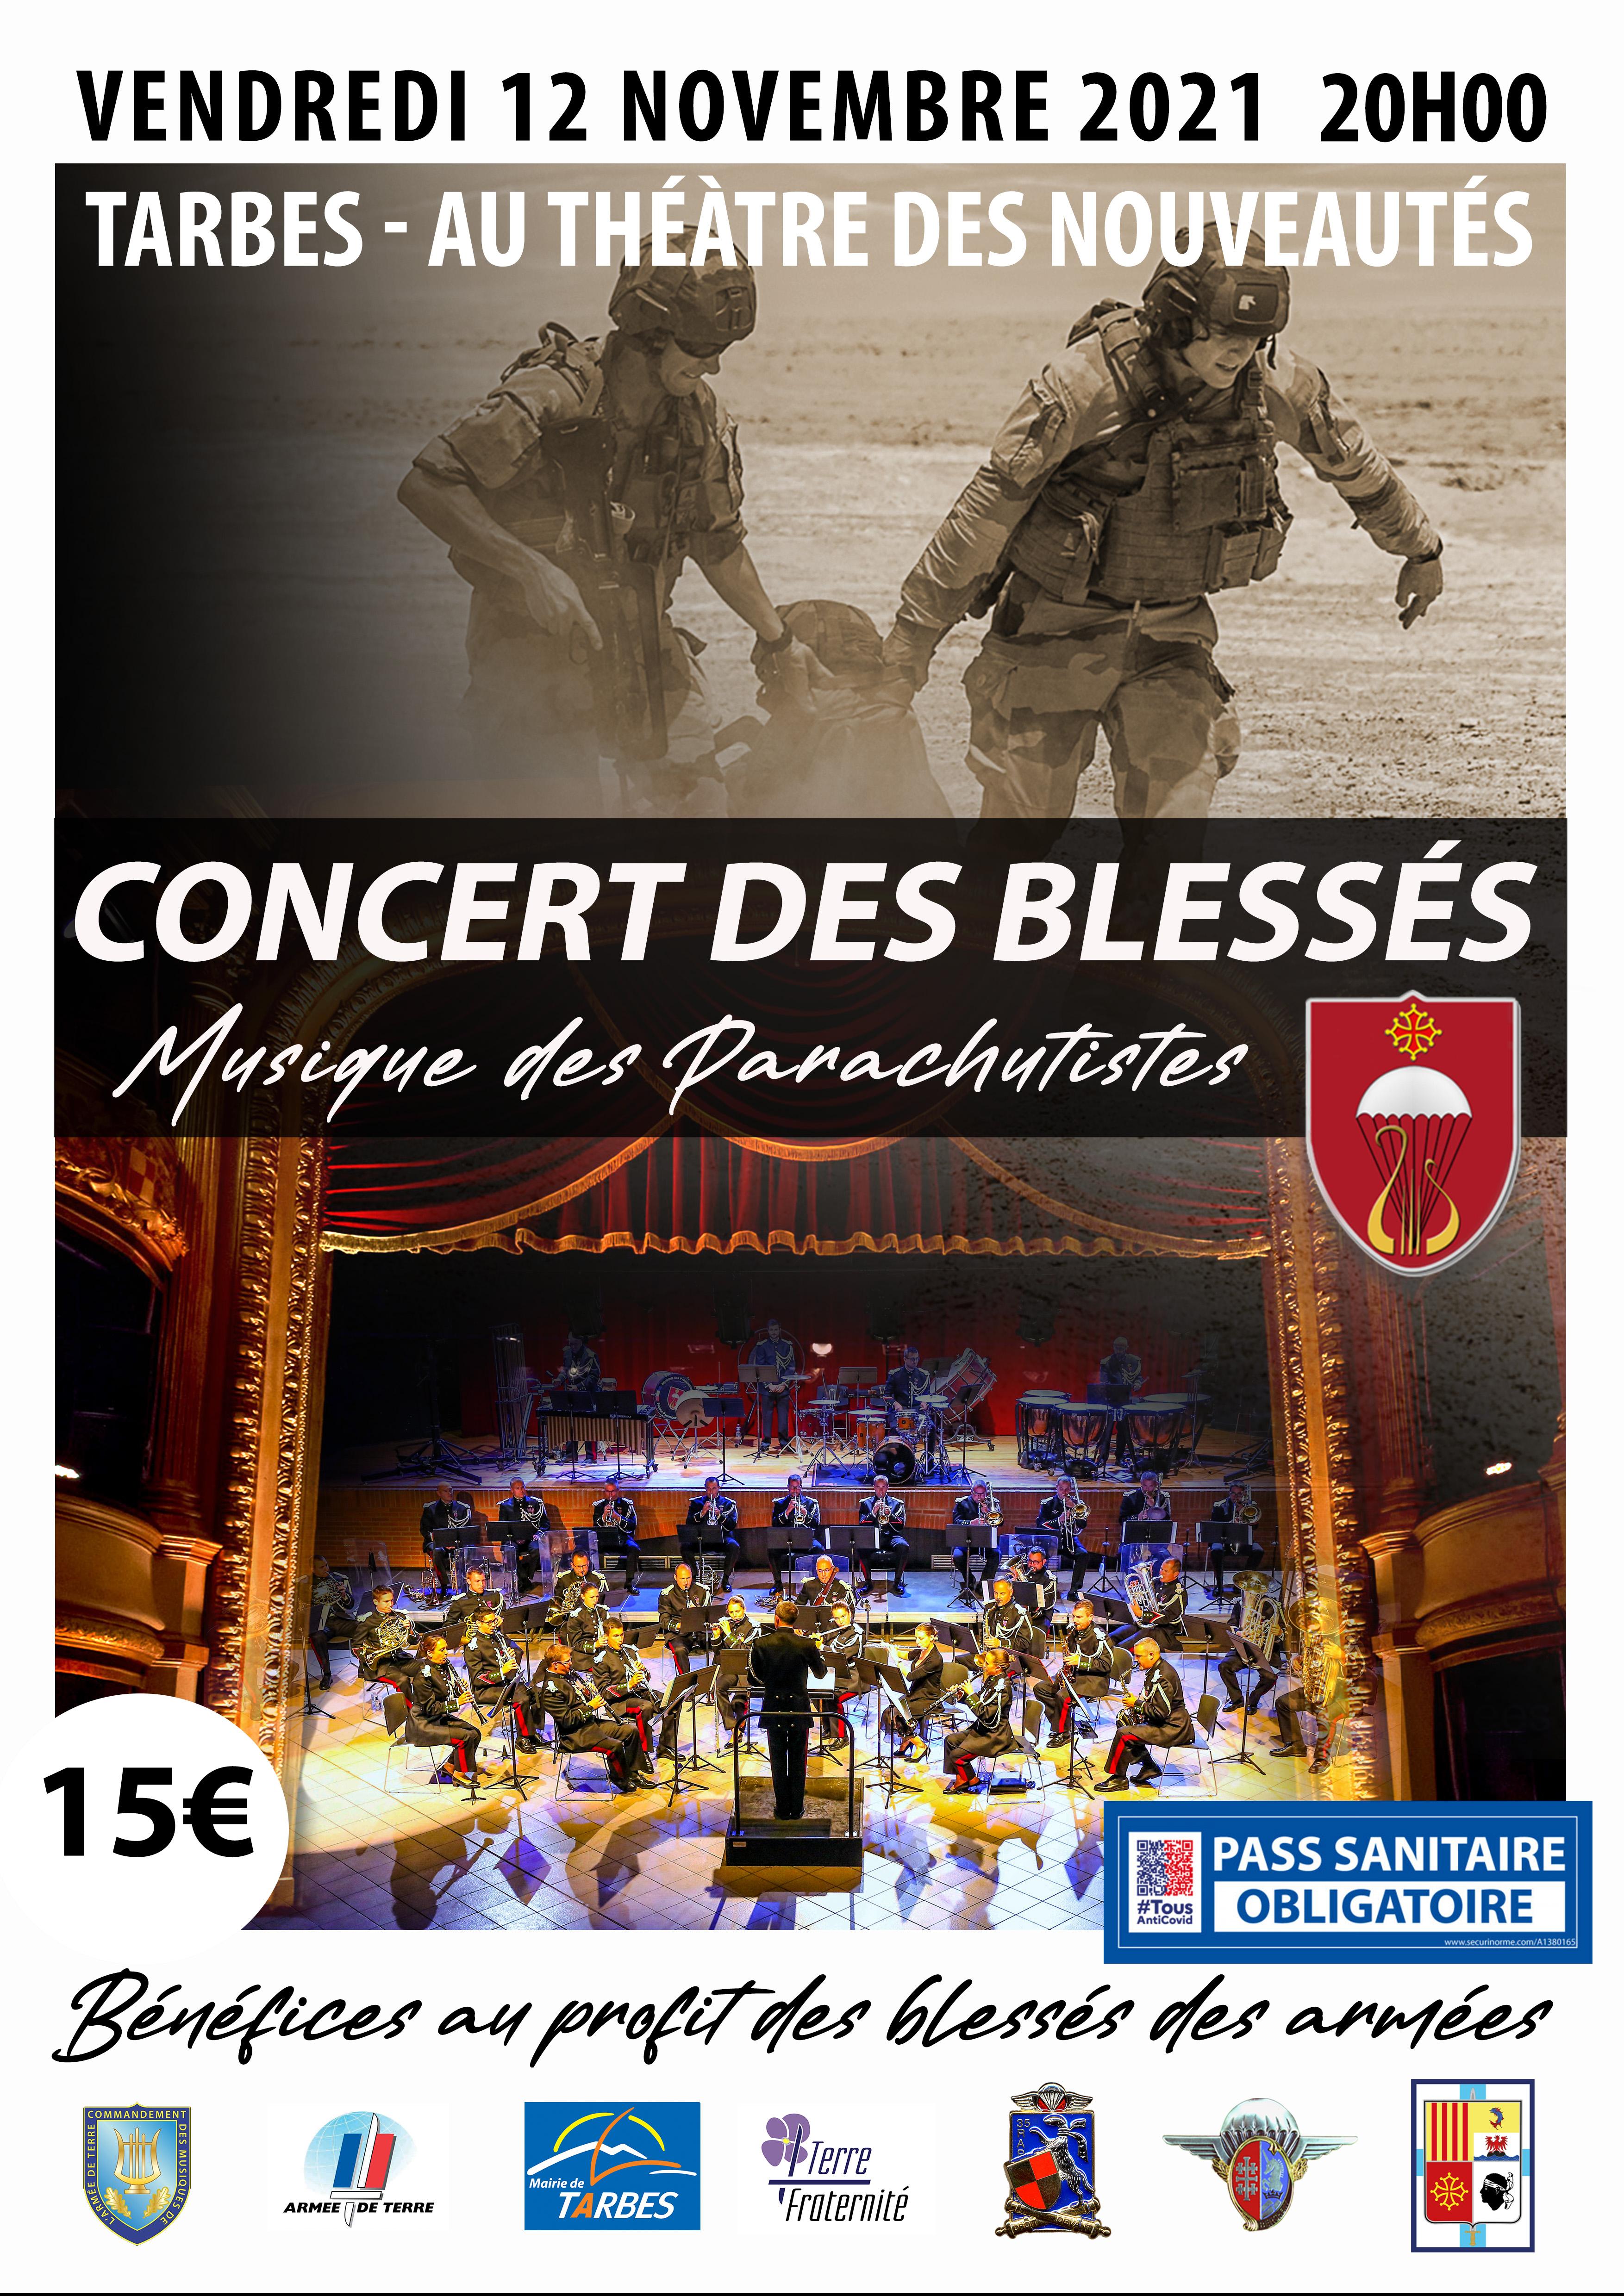 Concert de la musique des parachutistes à Tarbes (12 novembre 2021 – 20h00)